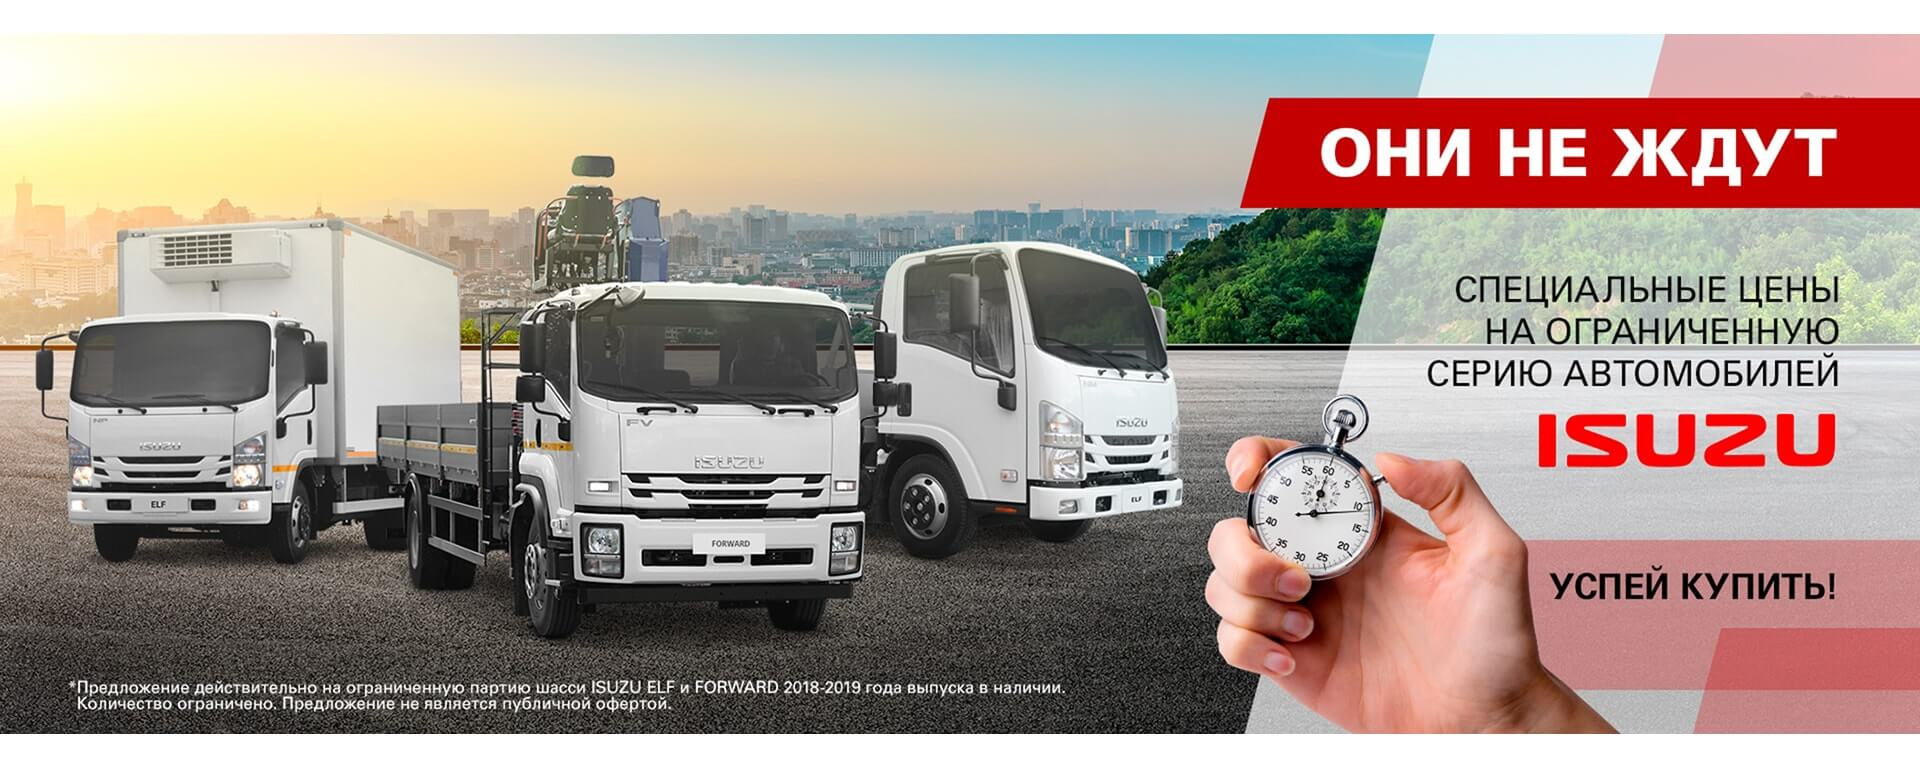 Спец.цены на ограниченную серию малотоннажных и среднетоннажных автомобилей ISUZU в июне